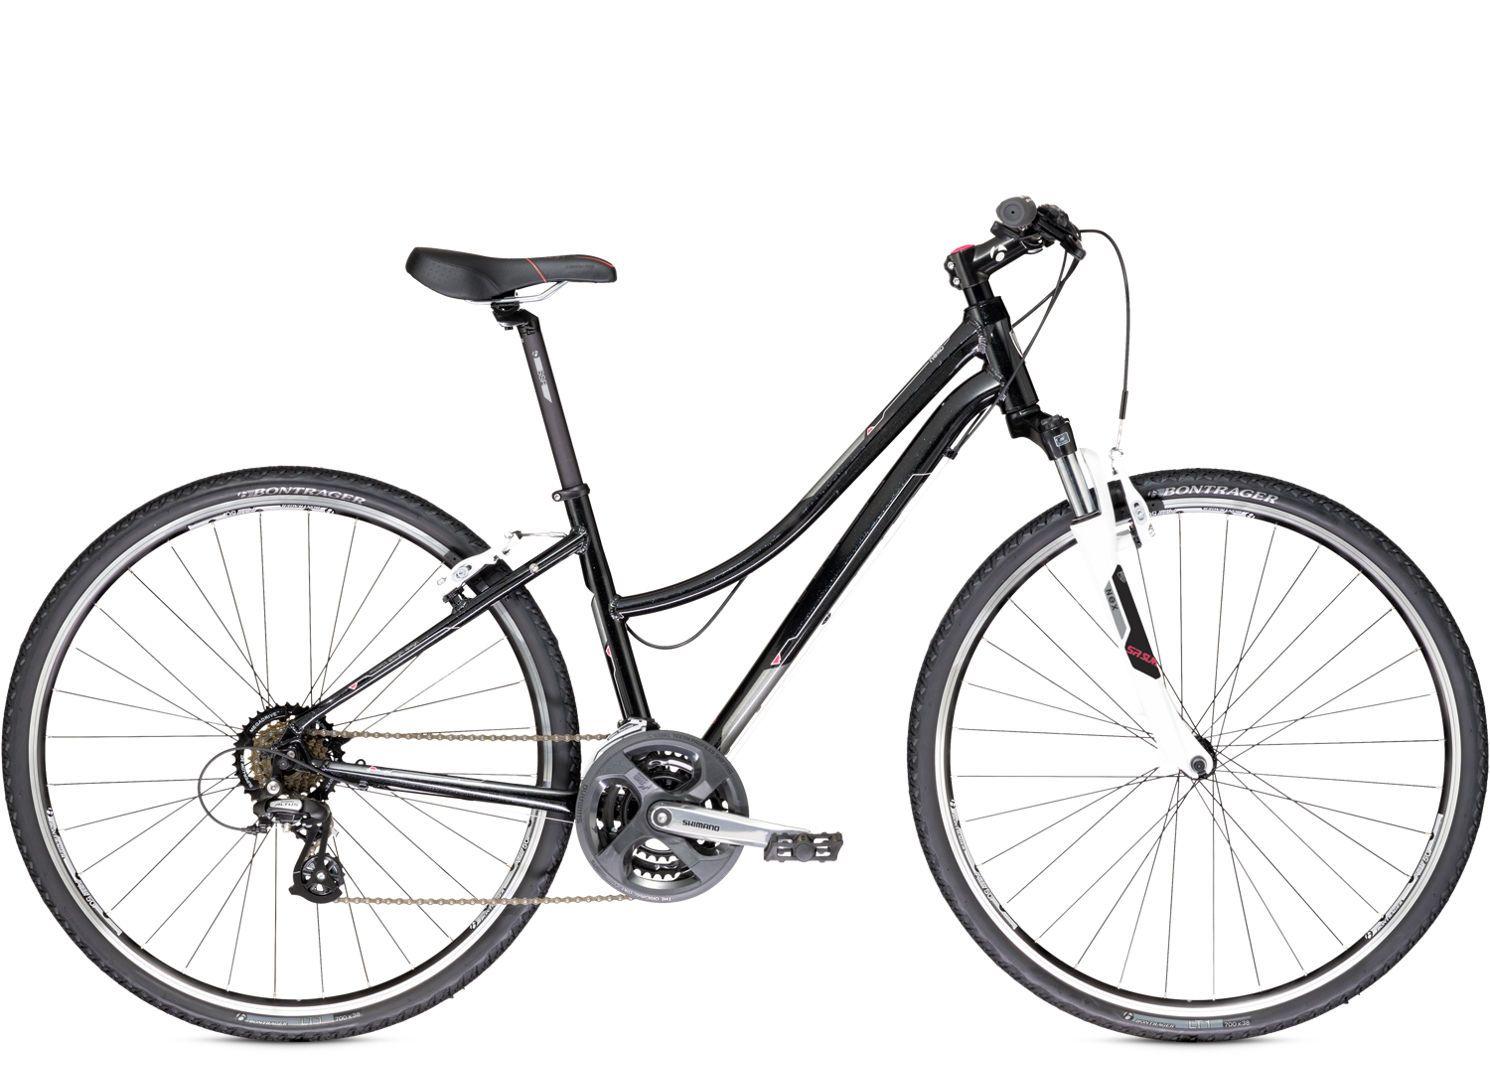 Neko Women's collection Trek Bicycle Trek bicycle